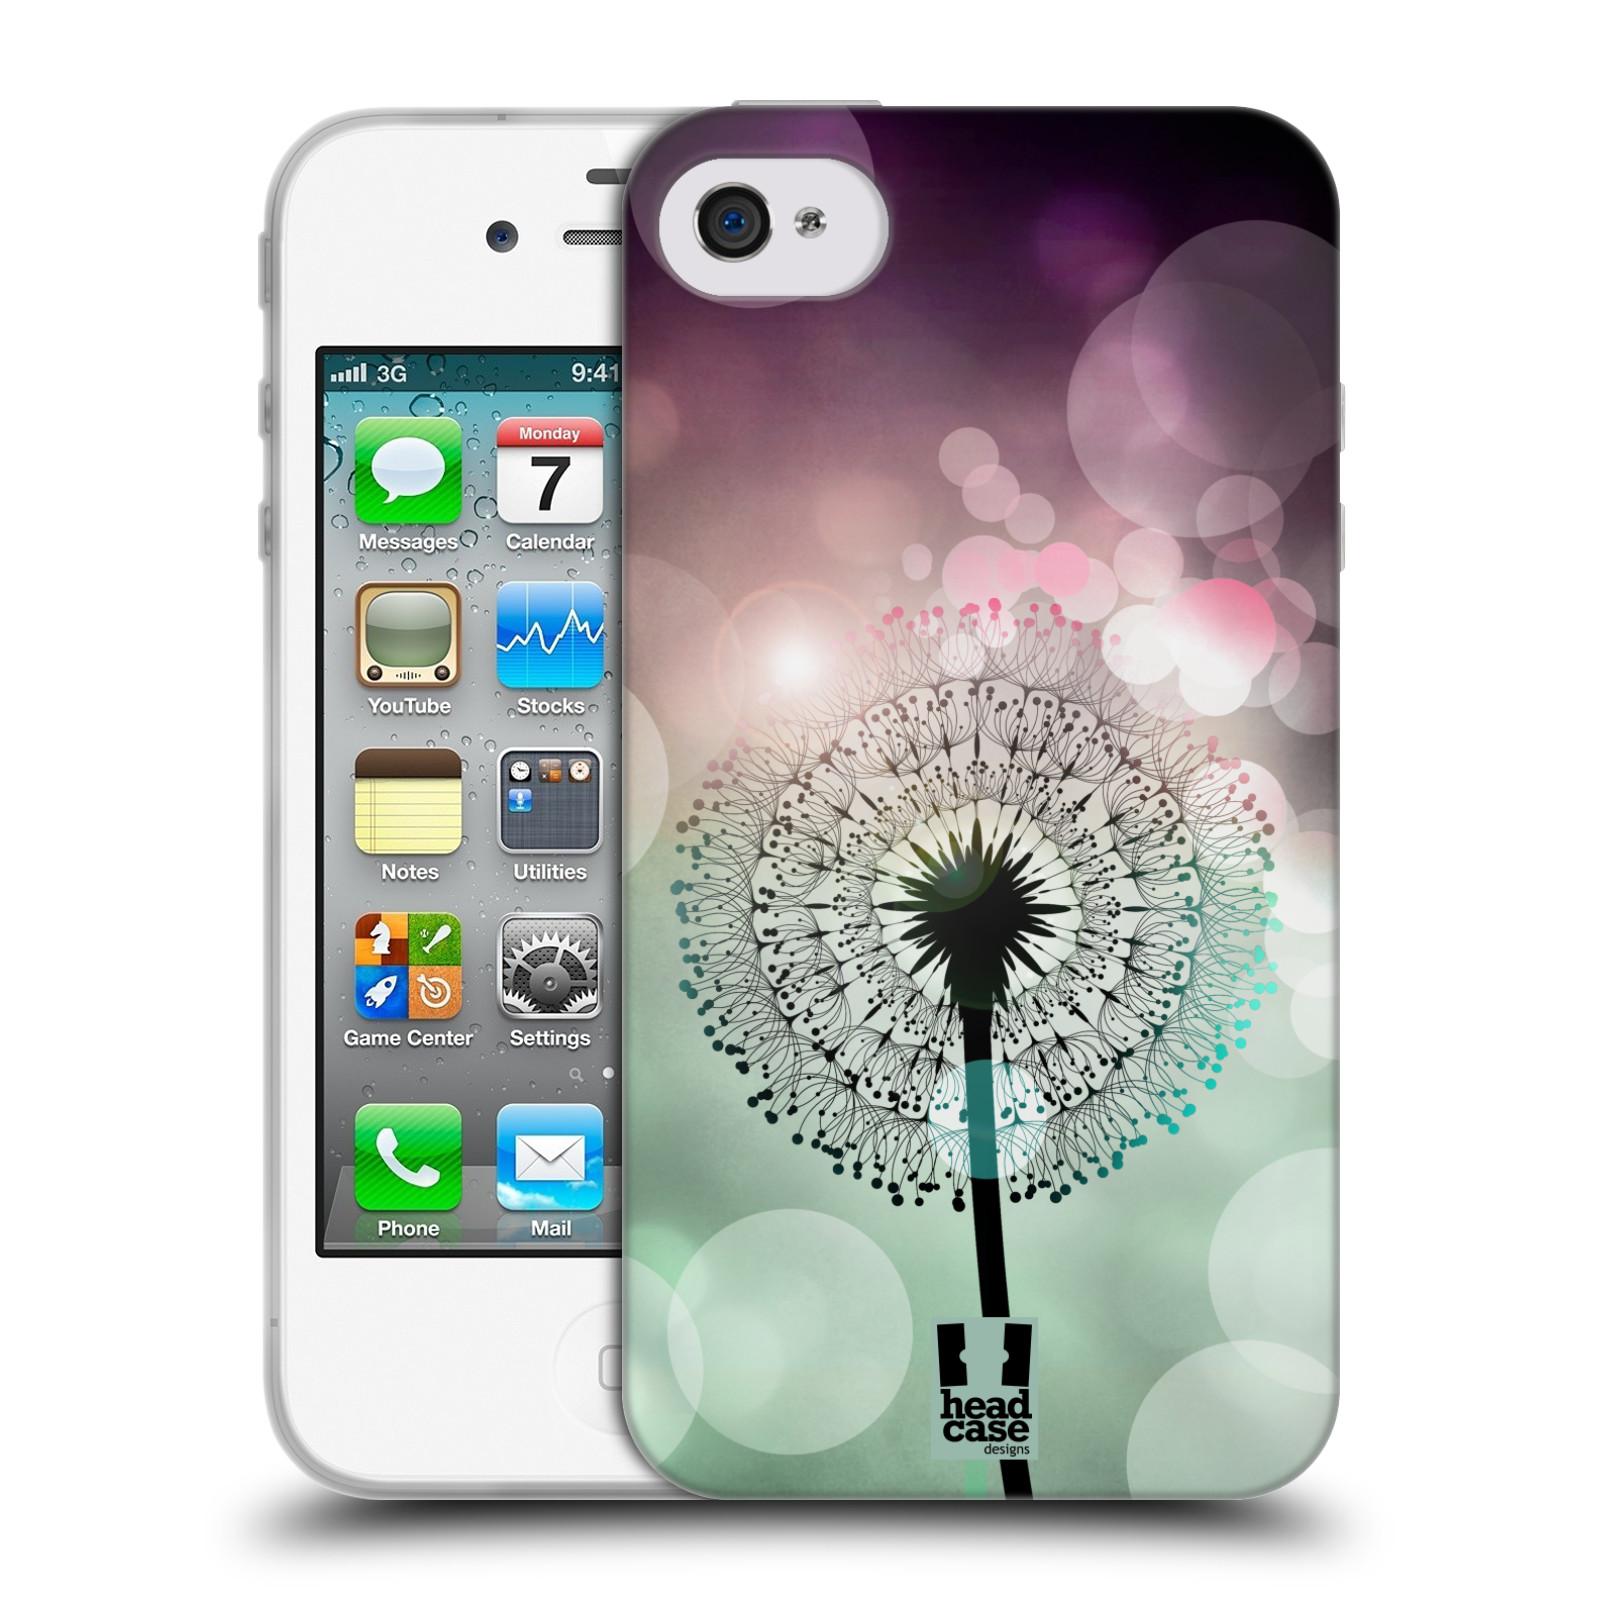 Silikonové pouzdro na mobil Apple iPhone 4 a 4S HEAD CASE Pampeliškové odlesky (Silikonový kryt či obal na mobilní telefon Apple iPhone 4 a 4S)